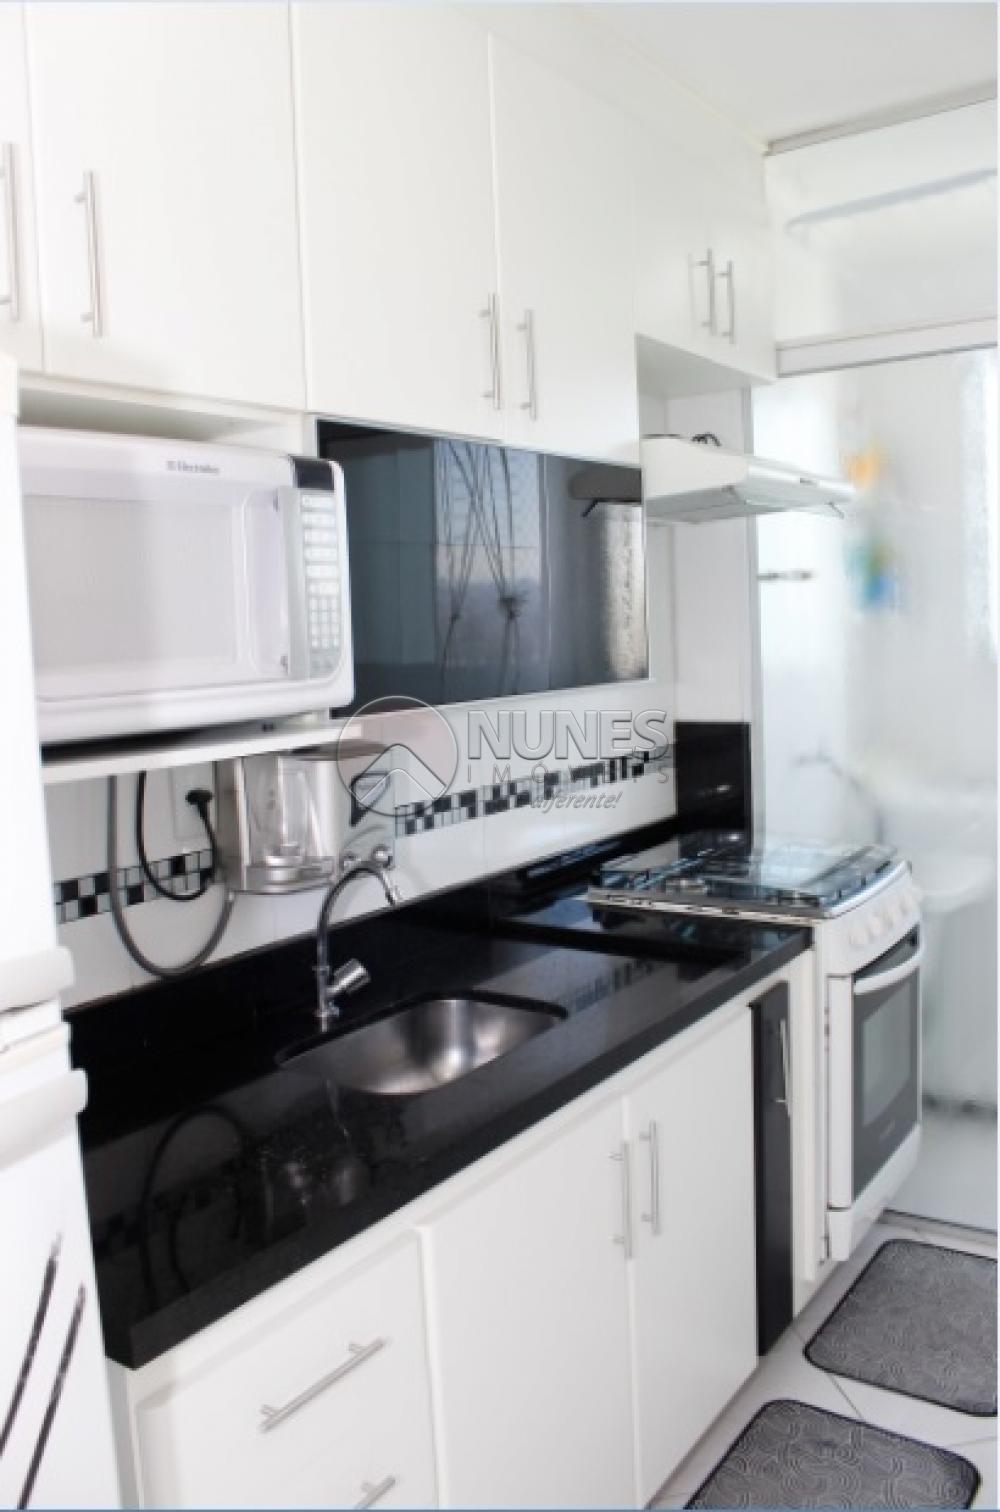 Comprar Apartamento / Padrão em Osasco apenas R$ 224.000,00 - Foto 4